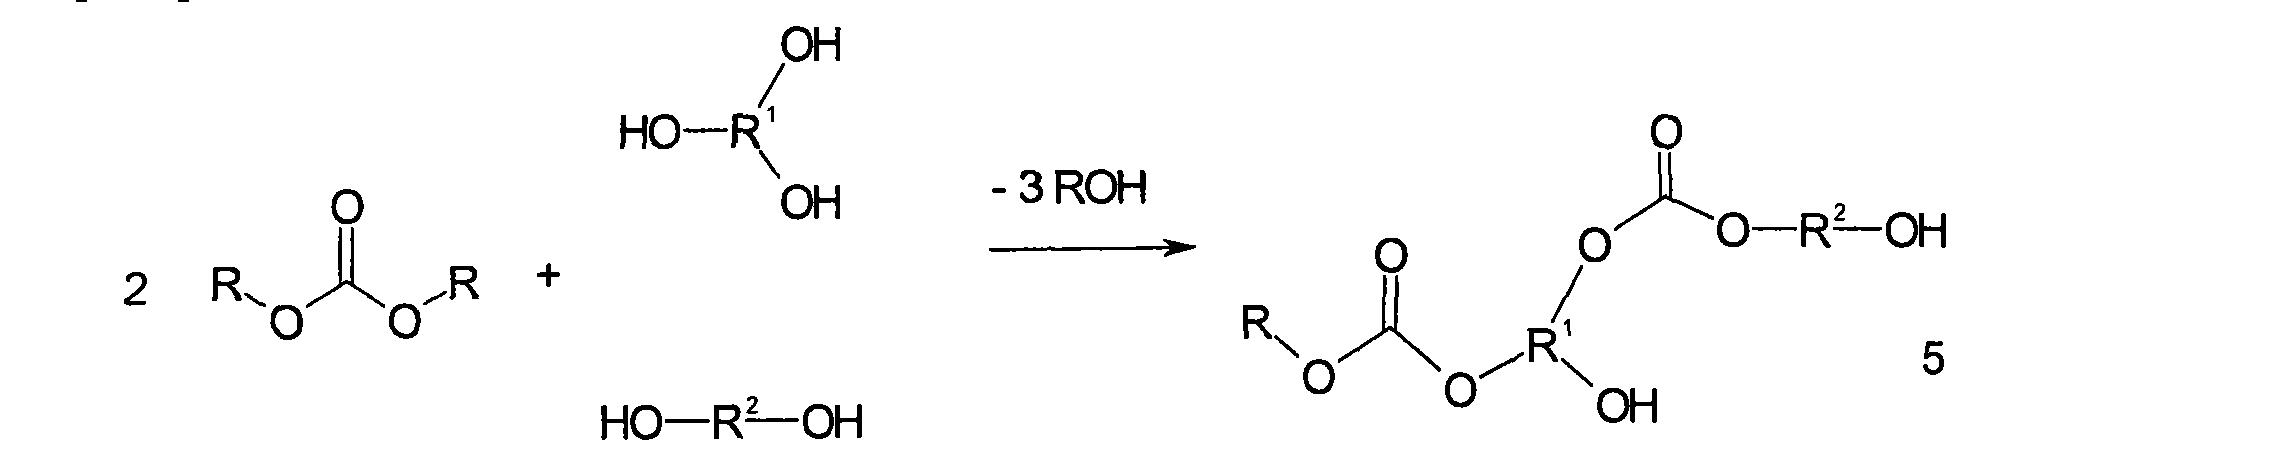 Figure CN101035865BD00102